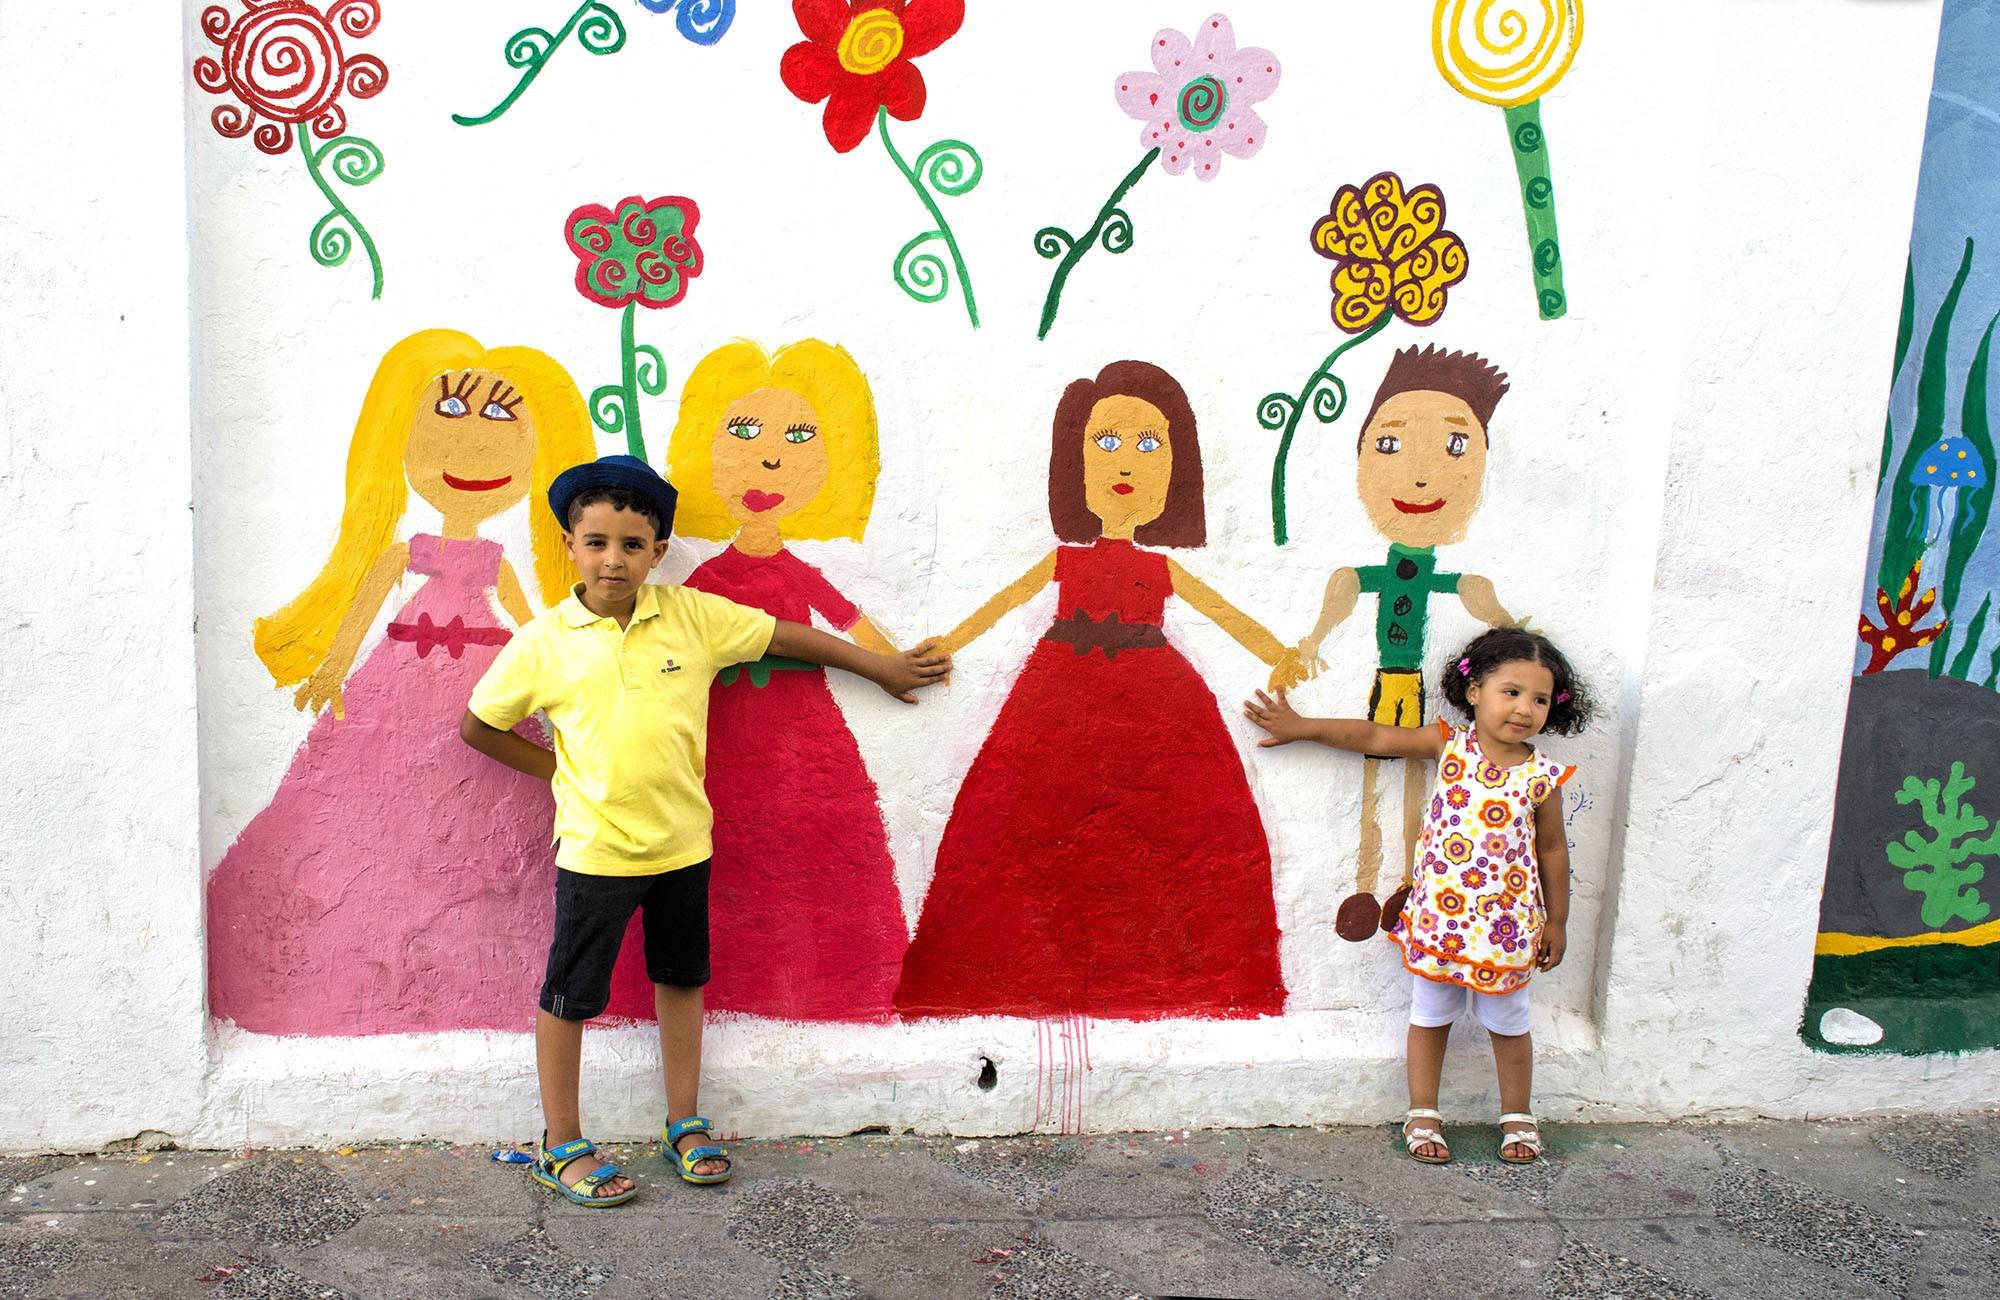 Street art maroc 2